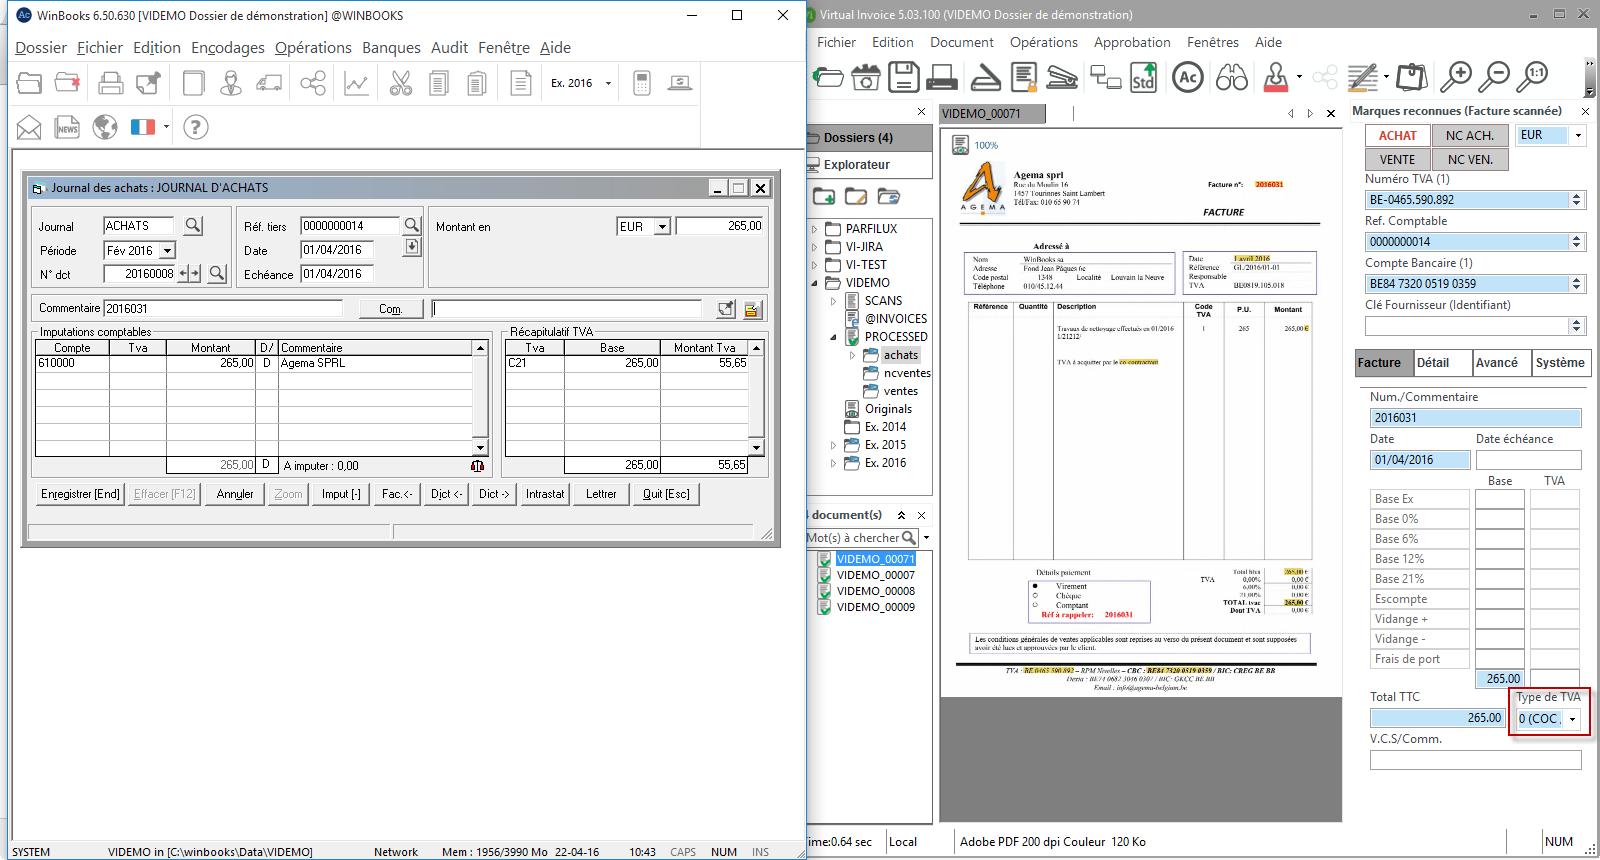 Exemples de factures fournisseurs - Virtual Invoice Help ...